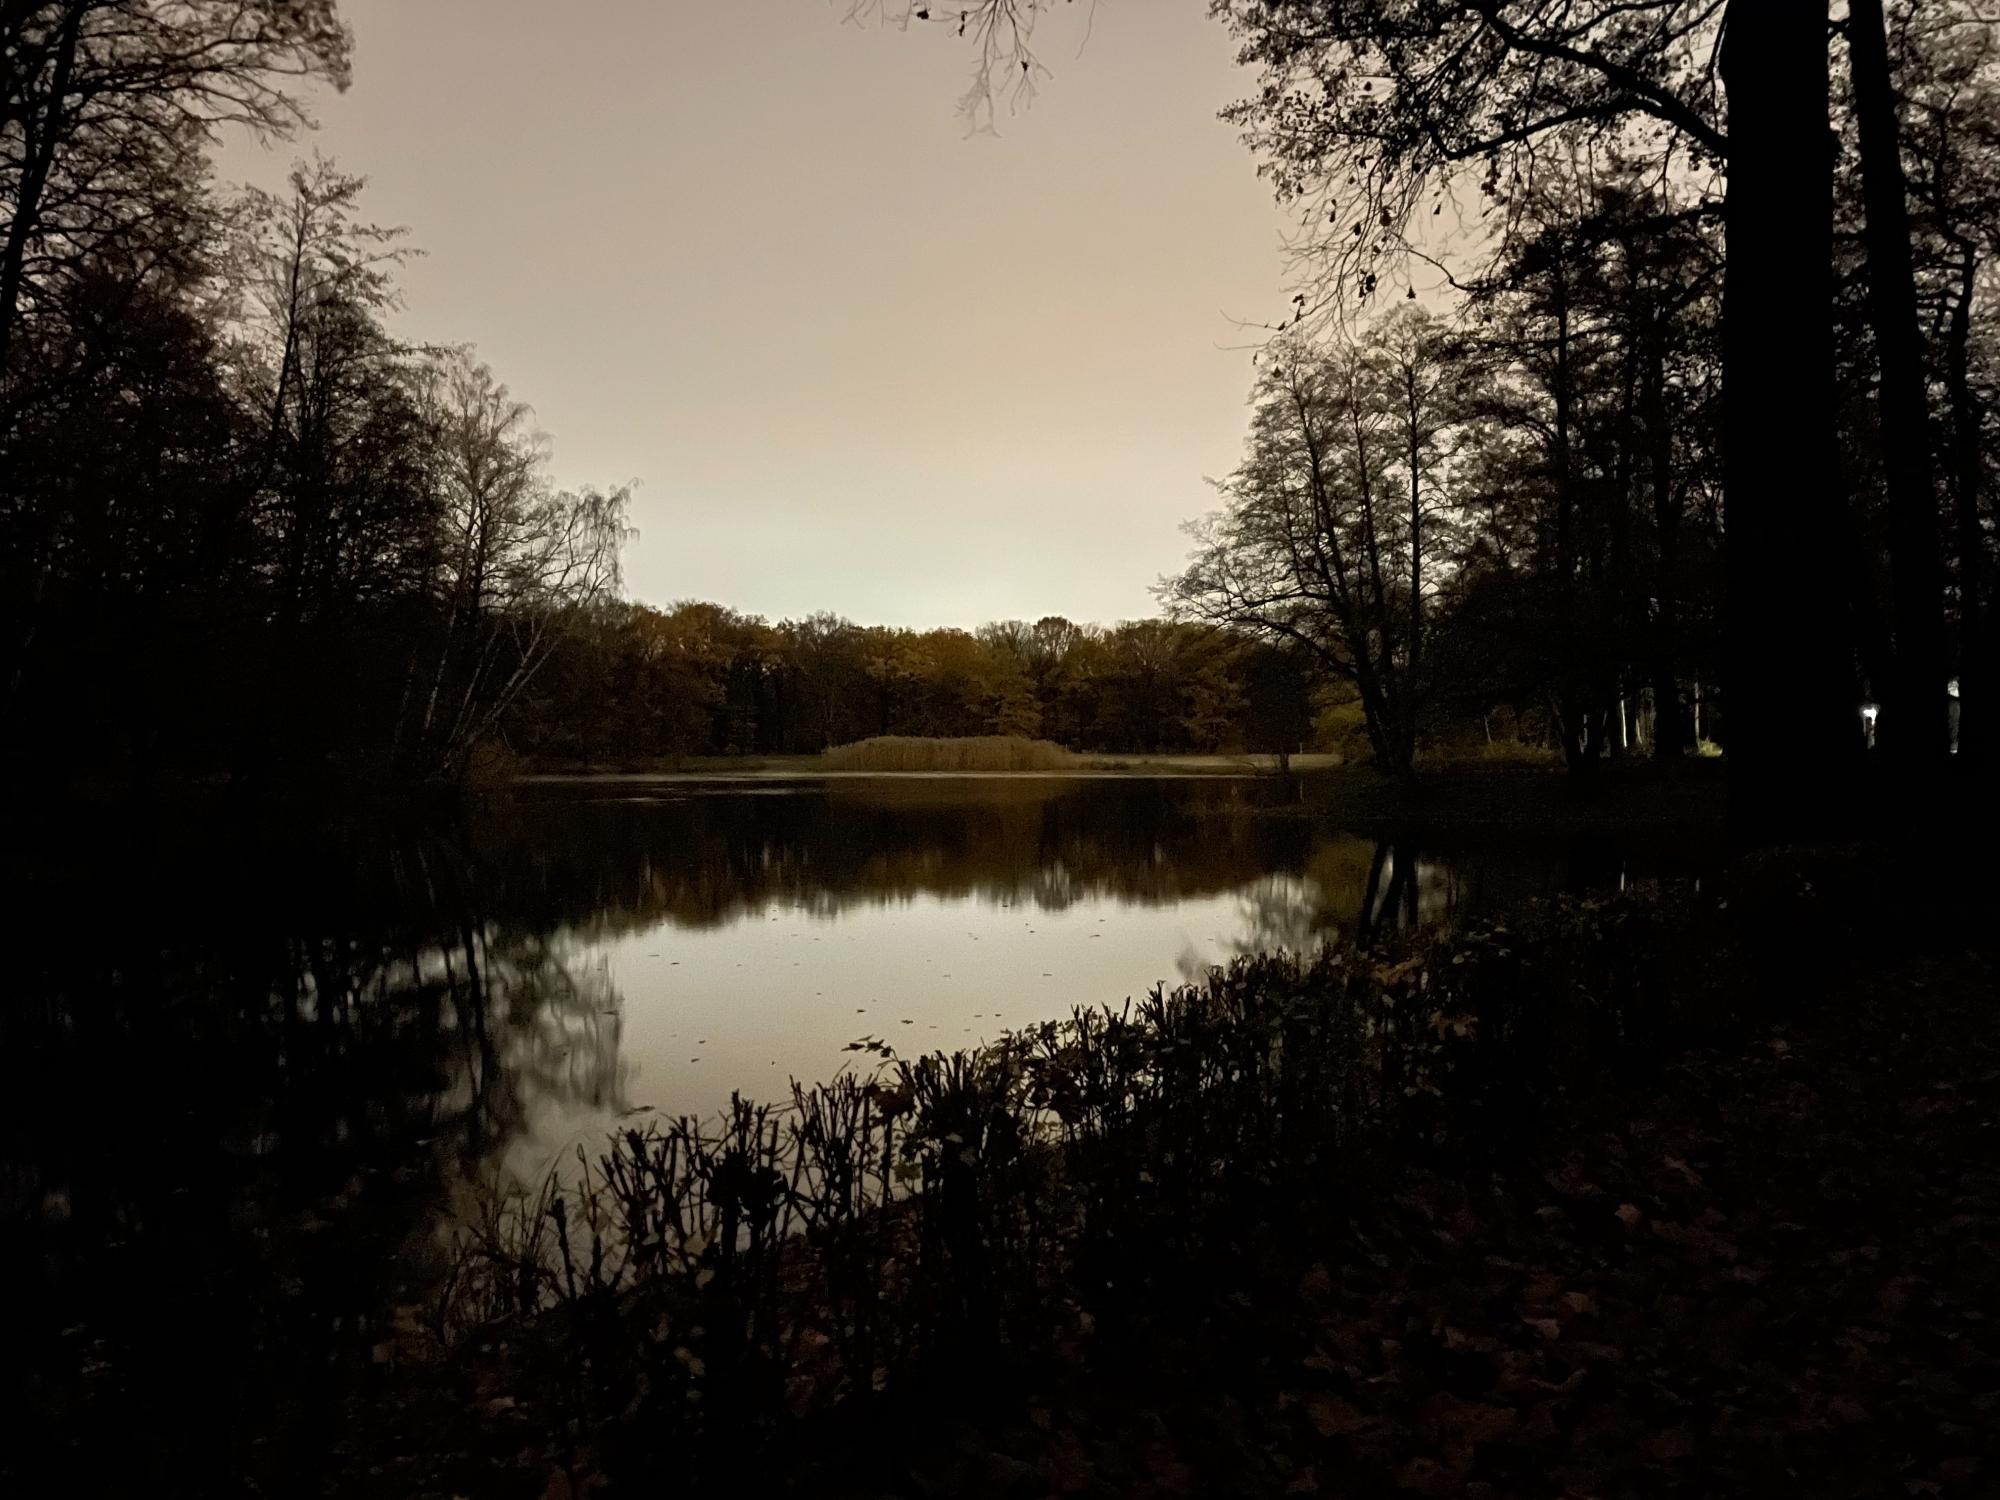 Der Jungfernheideteich bei Dunkelheit, fotografiert mit einem iPhone 12 Pro Max.